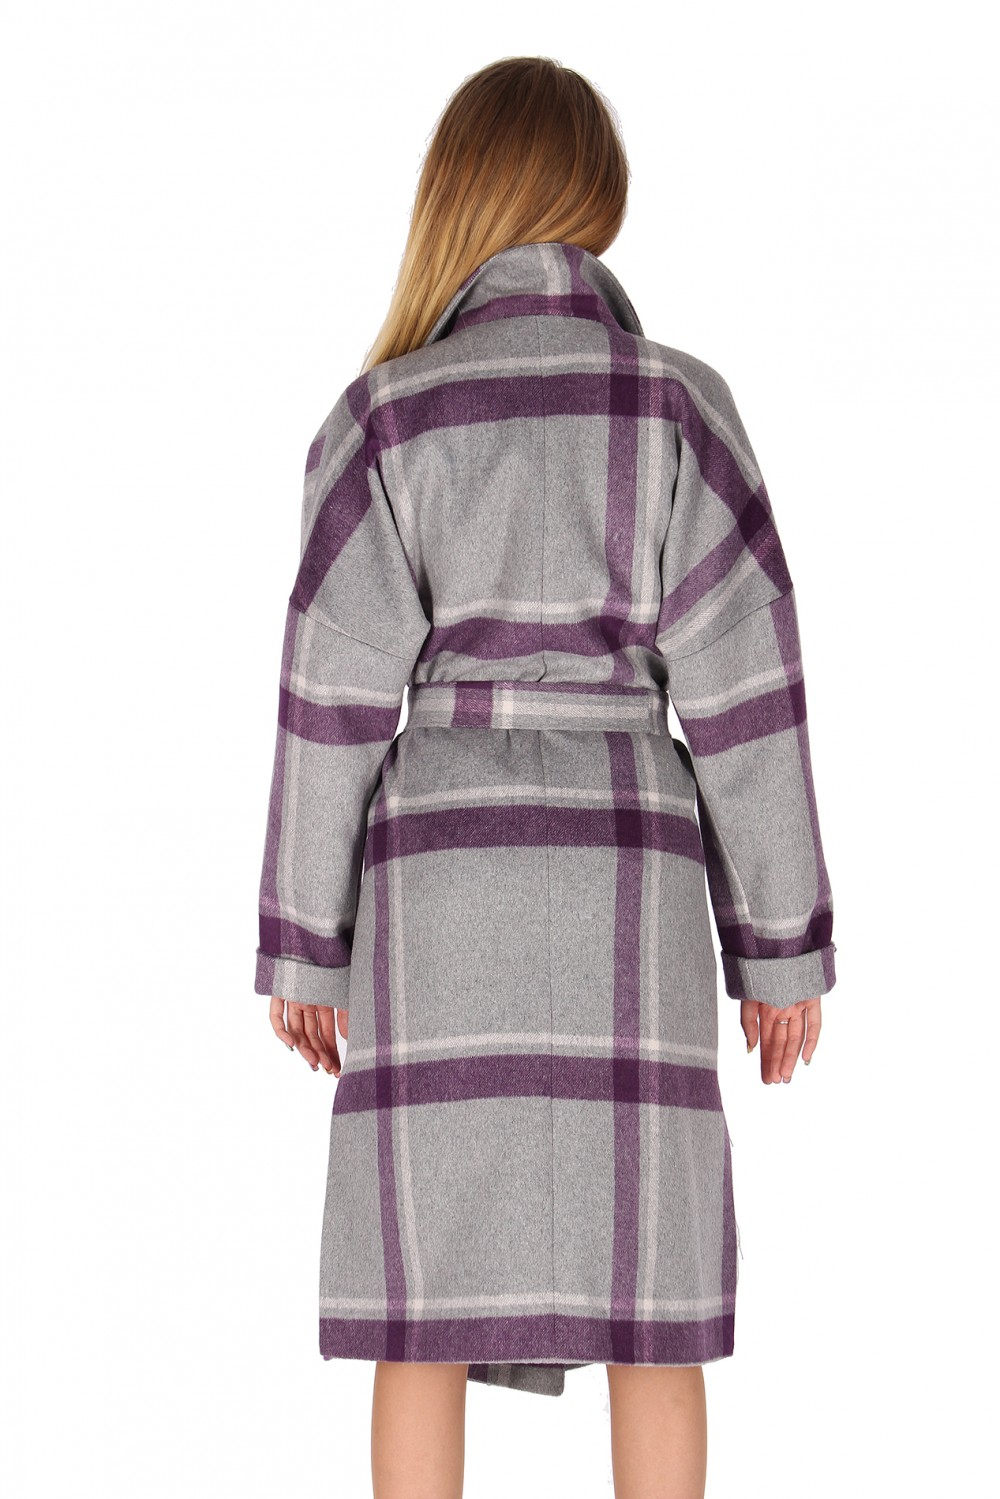 Купить оптом Пальто женское фиолетового цвета 16304F в Уфе